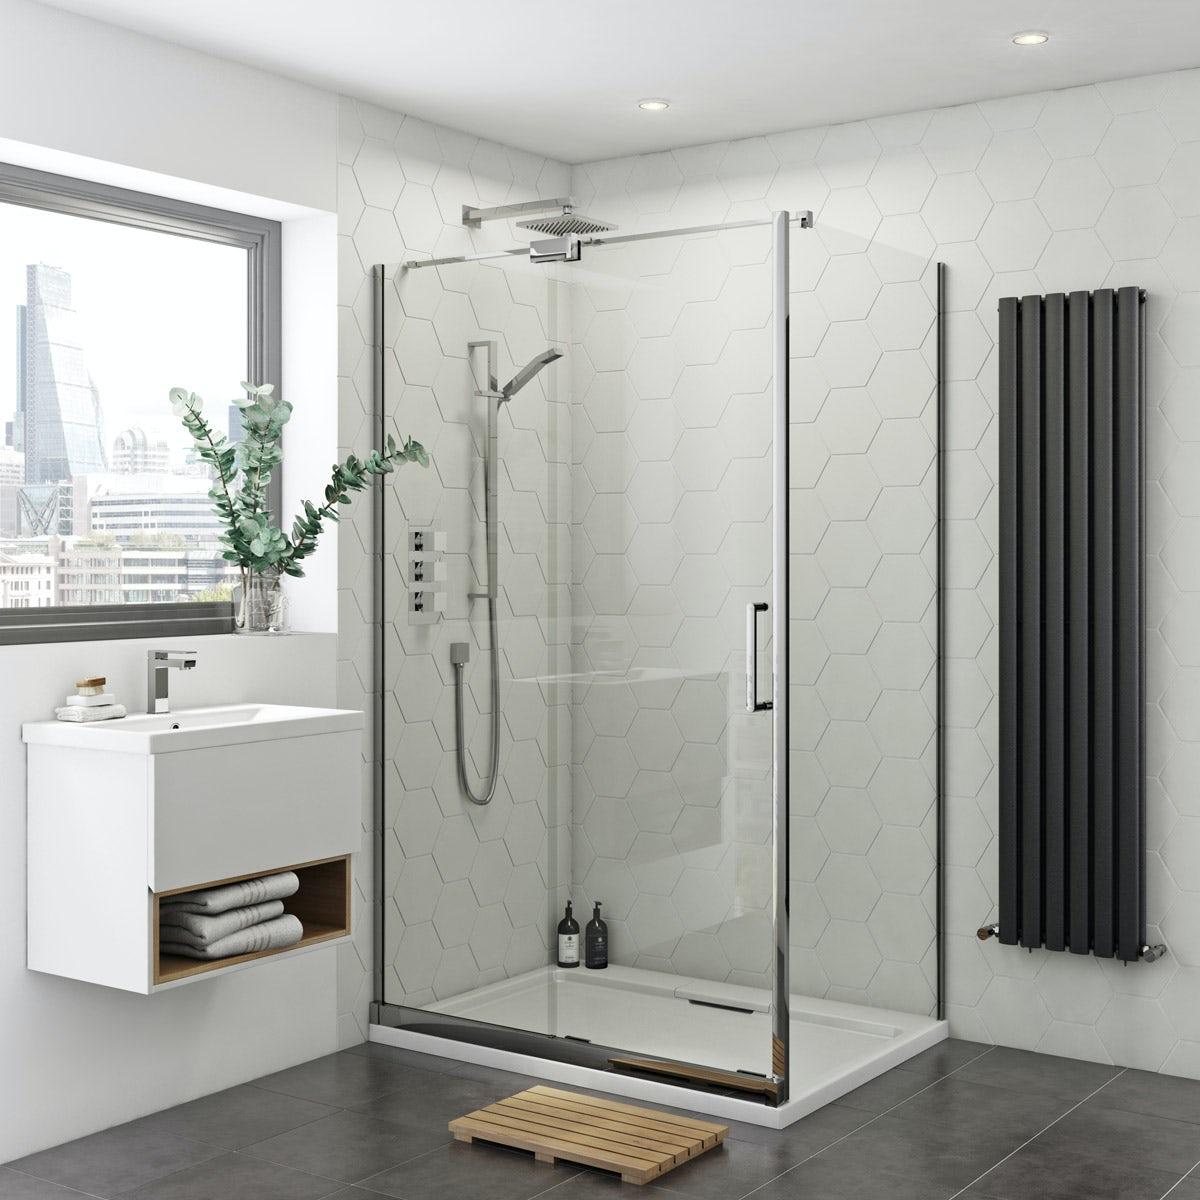 Mode Ellis 8mm easy clean left handed rectangular frameless sliding shower enclosure